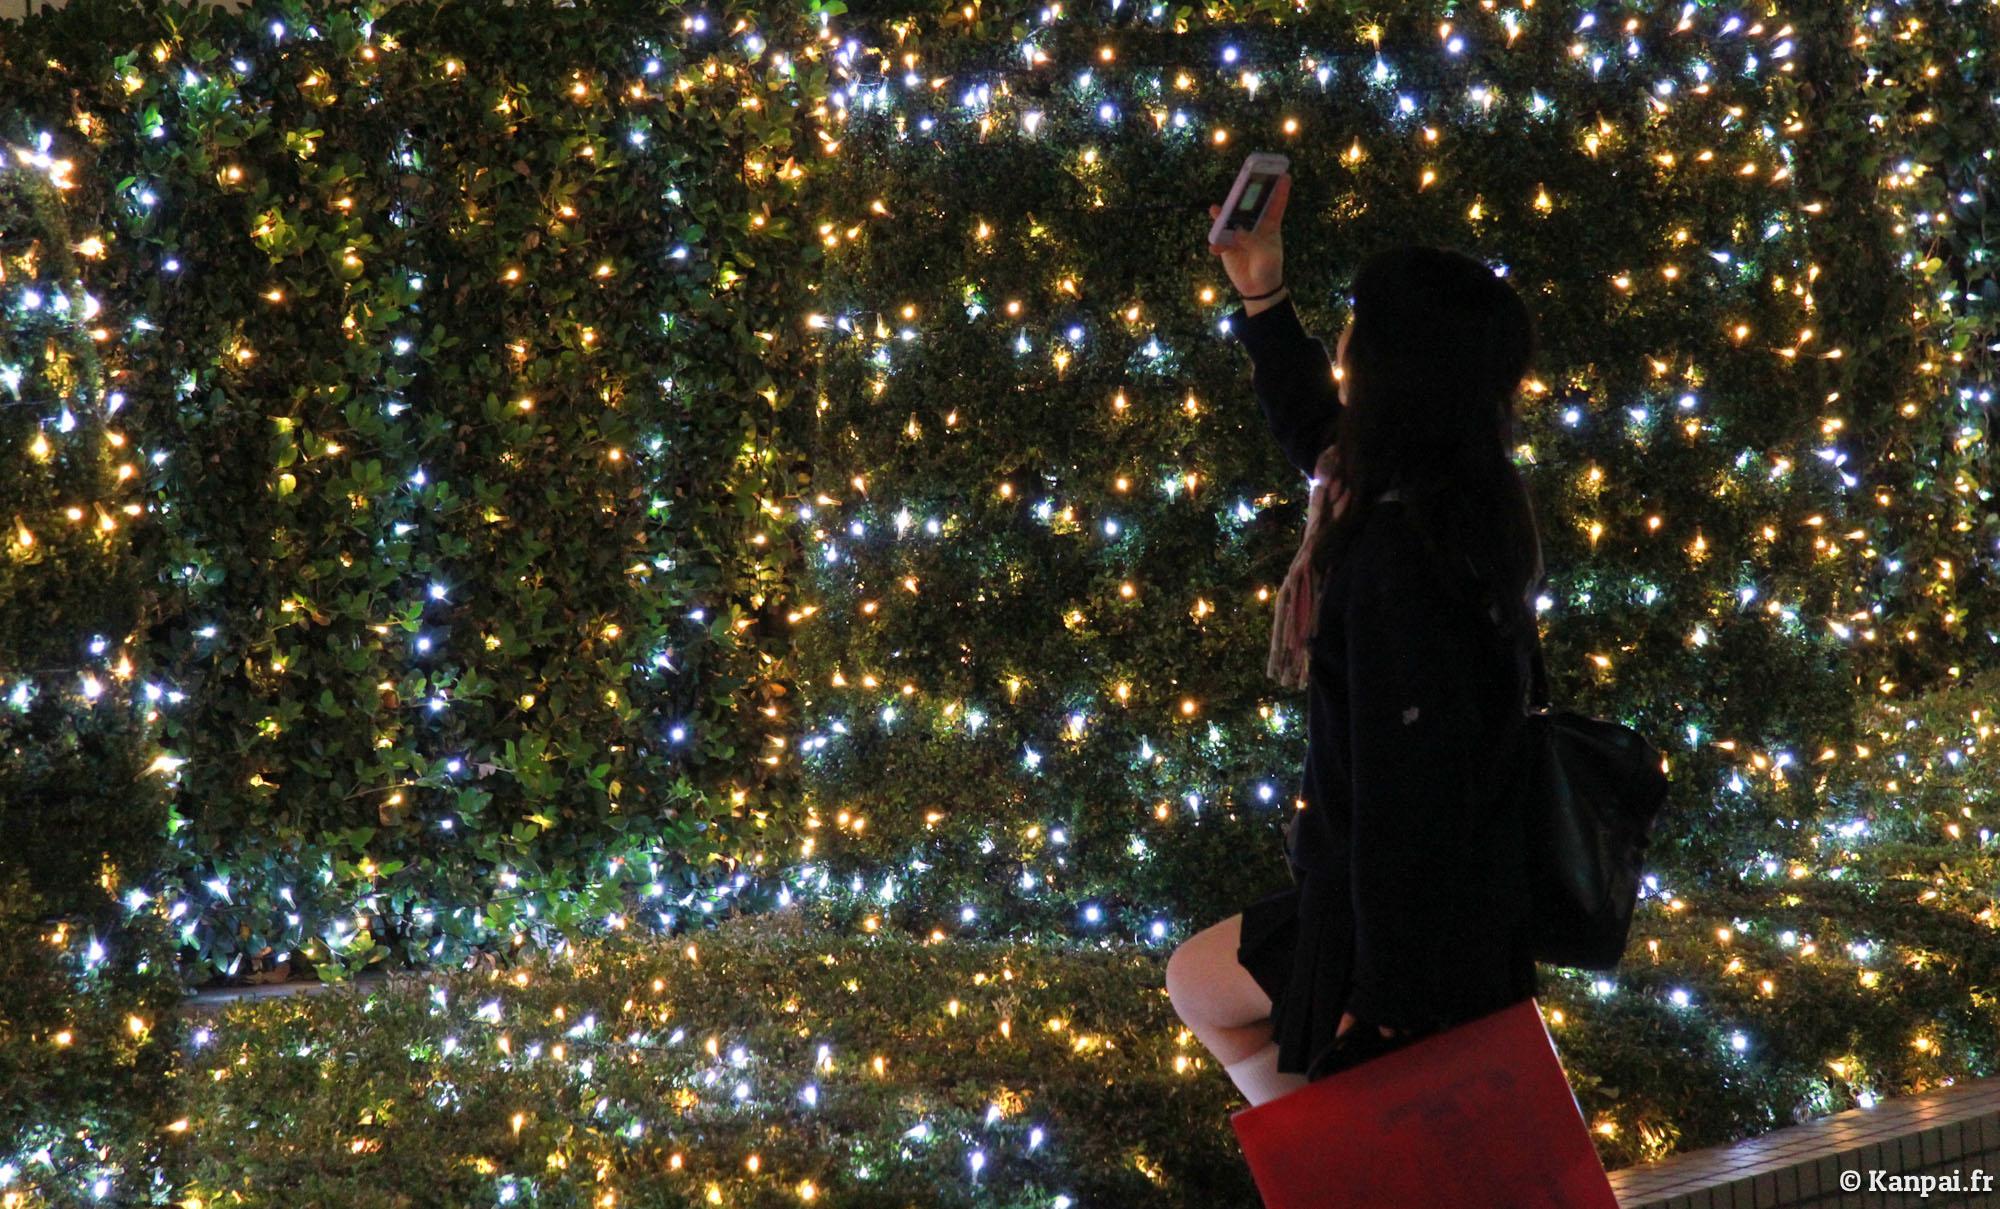 #A27C29 Decoration De Noel Au Japon 5327 decorations de noel au japon 2000x1209 px @ aertt.com